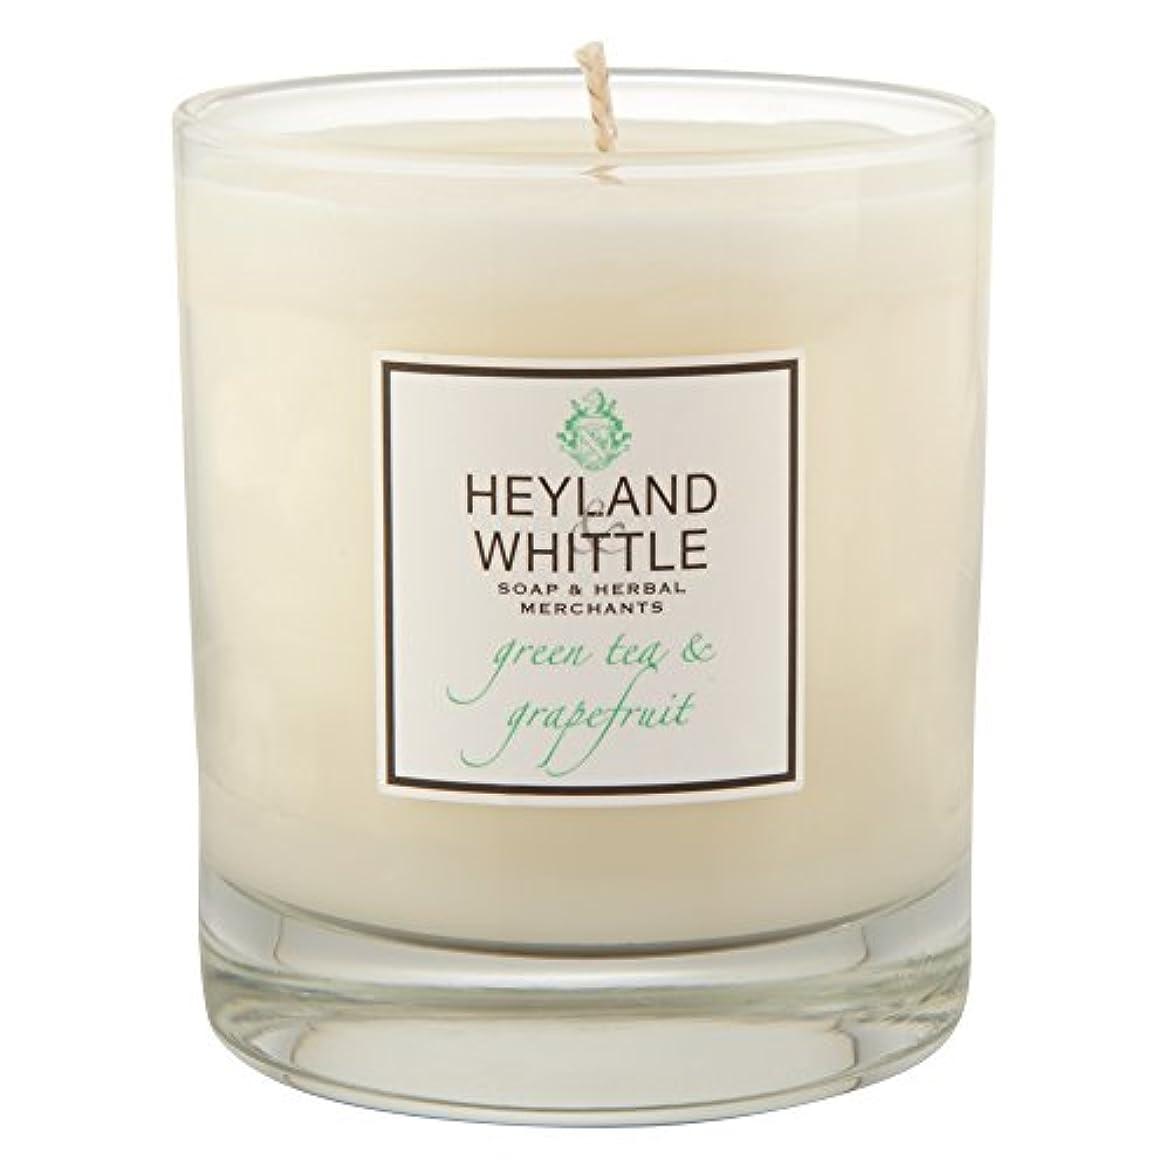 真珠のような積分懐疑的Heyland&削る緑茶とグレープフルーツキャンドル (Heyland & Whittle) - Heyland & Whittle Green Tea and Grapefruit Candle [並行輸入品]